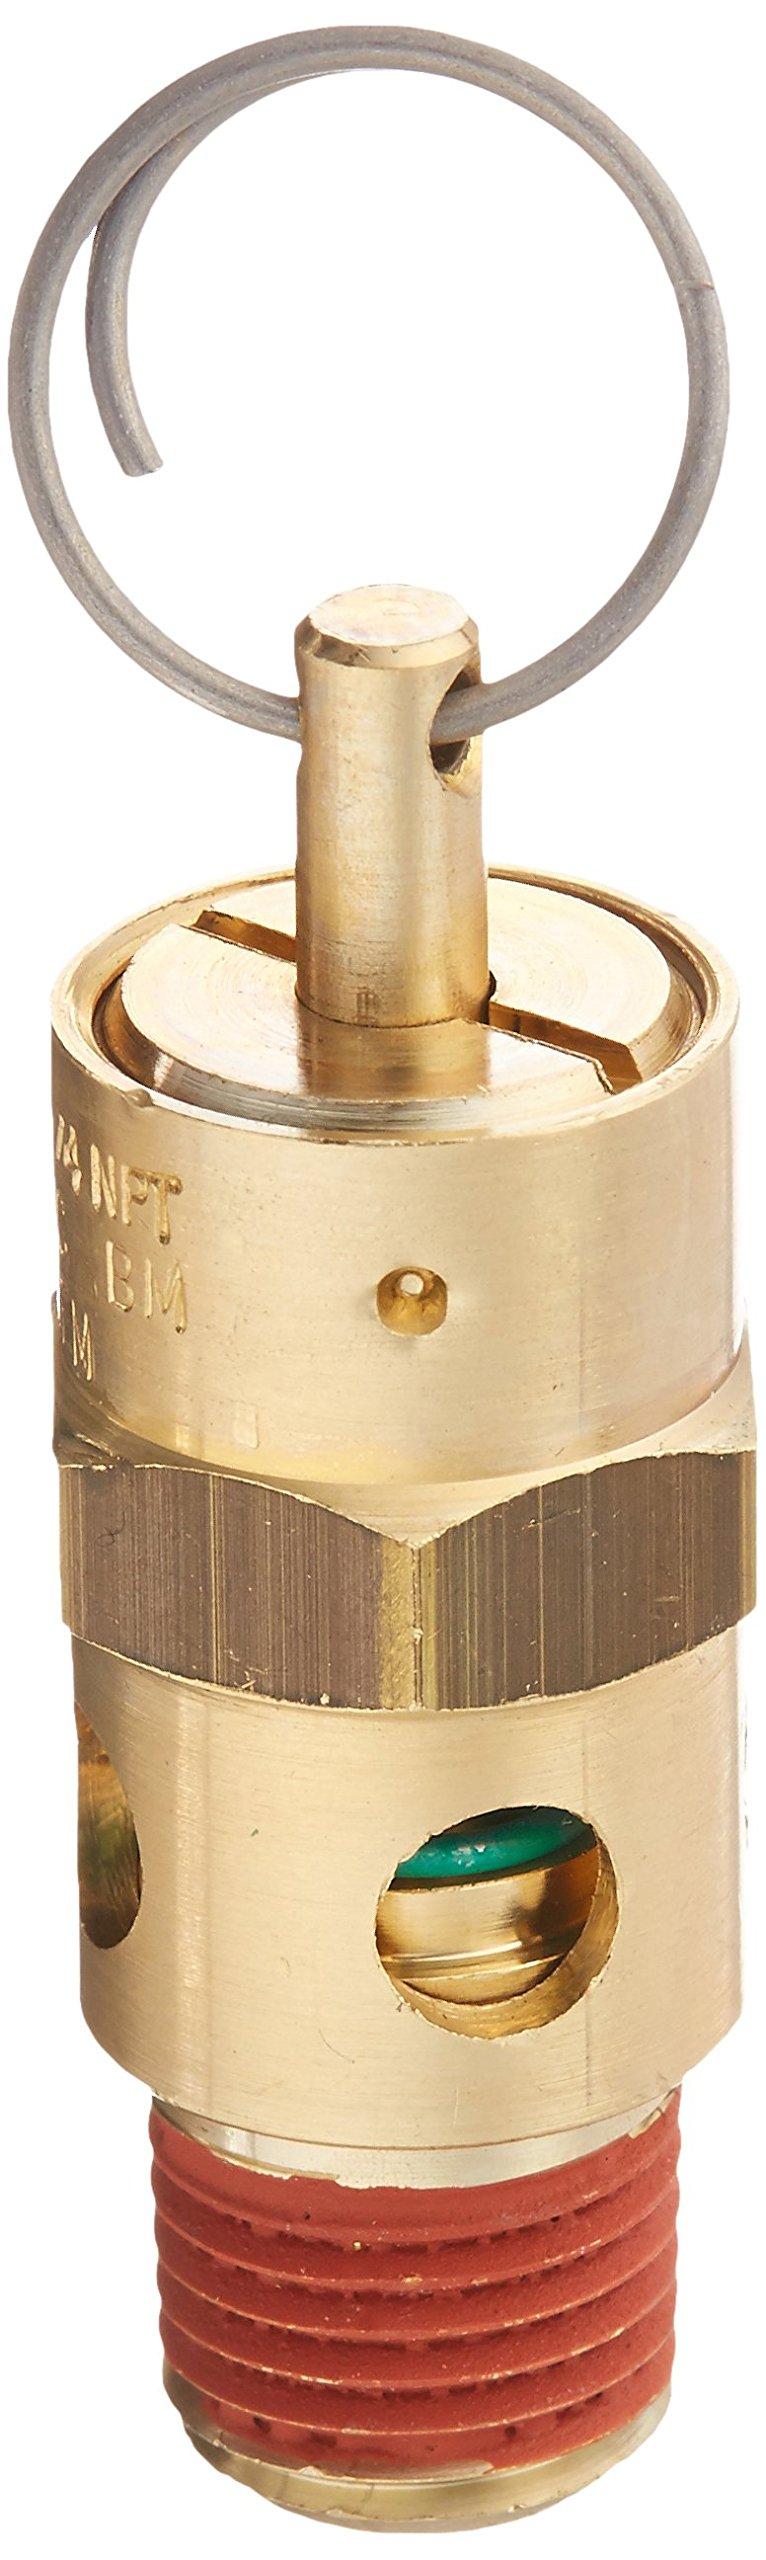 SMC ARG20-N02G1-Z Regulator with Gauge in Handle Gauge in Handle 7.25-123 psi Set Pressure Range Relieving type 1//4 NPT 28 scfm